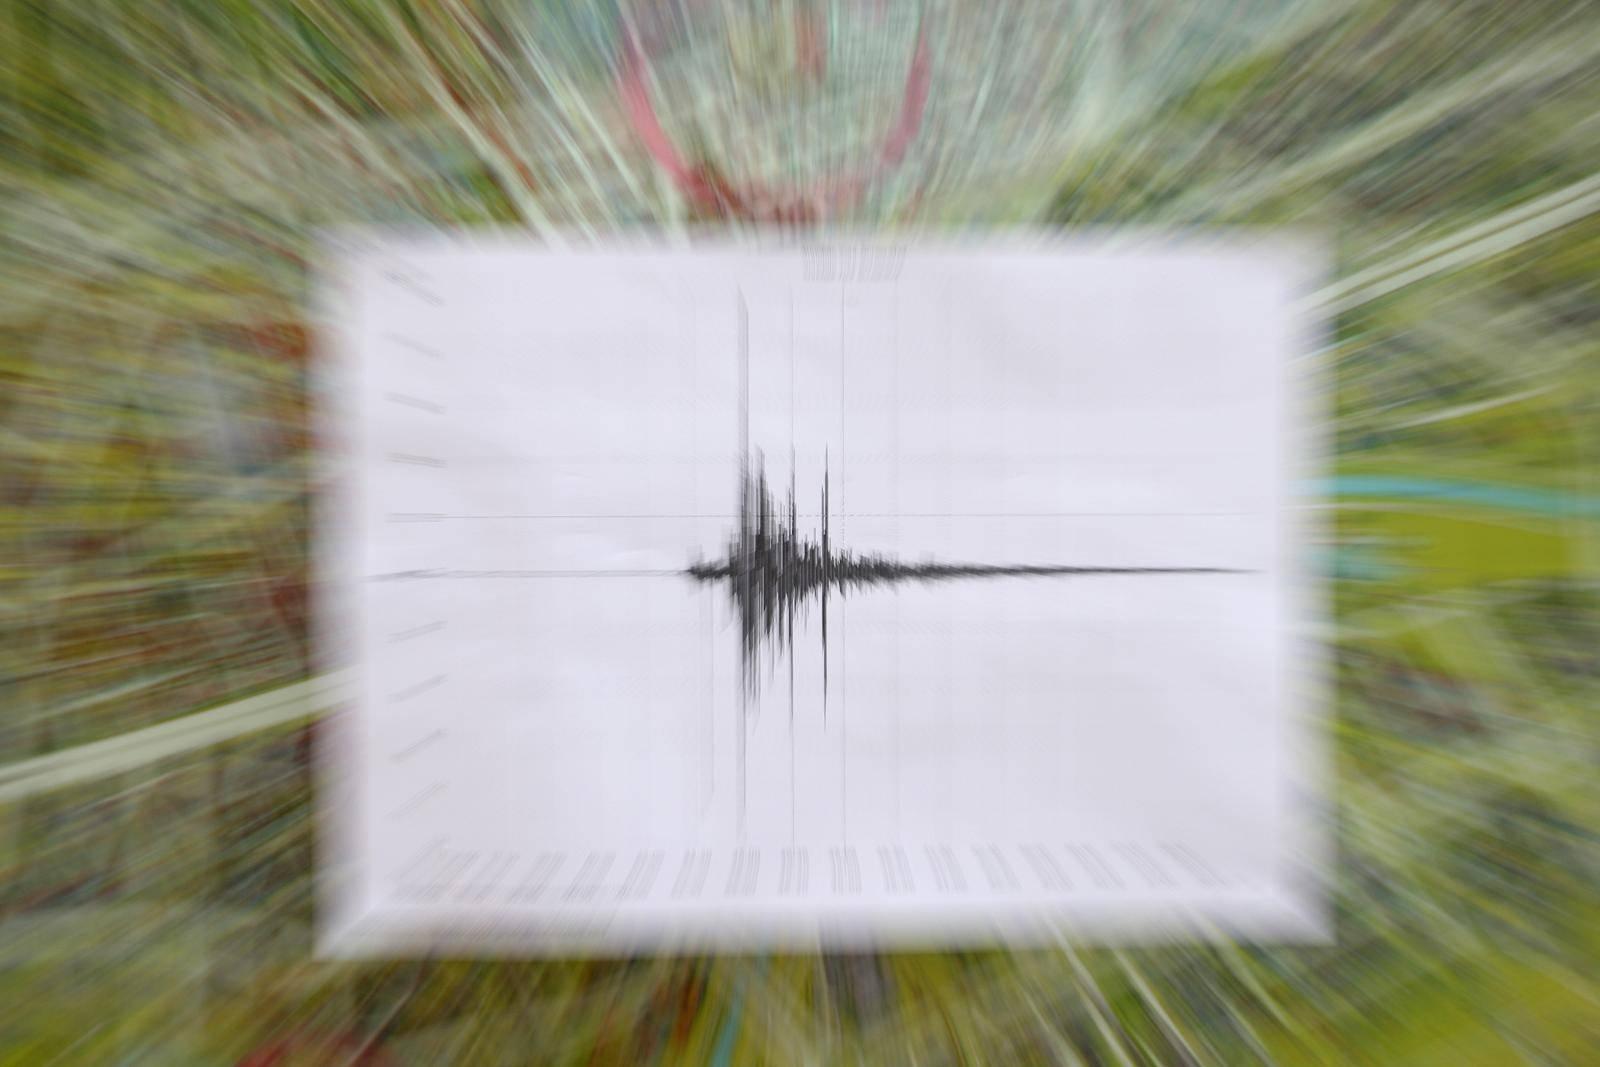 Dva potresa kod otoka Krete: 'Prvi je trajao više od minute'